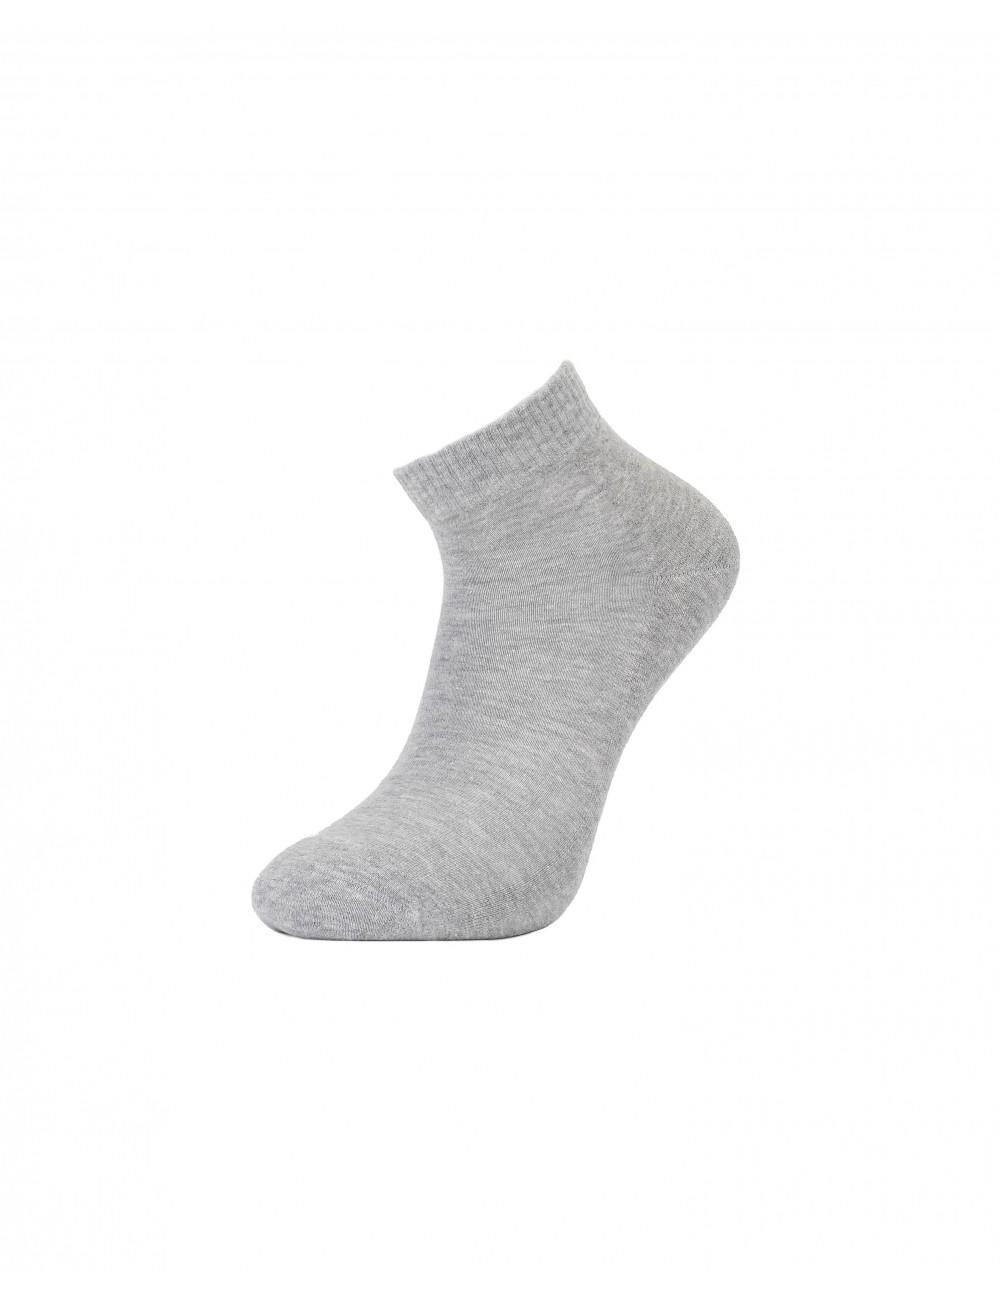 Ανδρικές αθλητικές κάλτσες  κονές